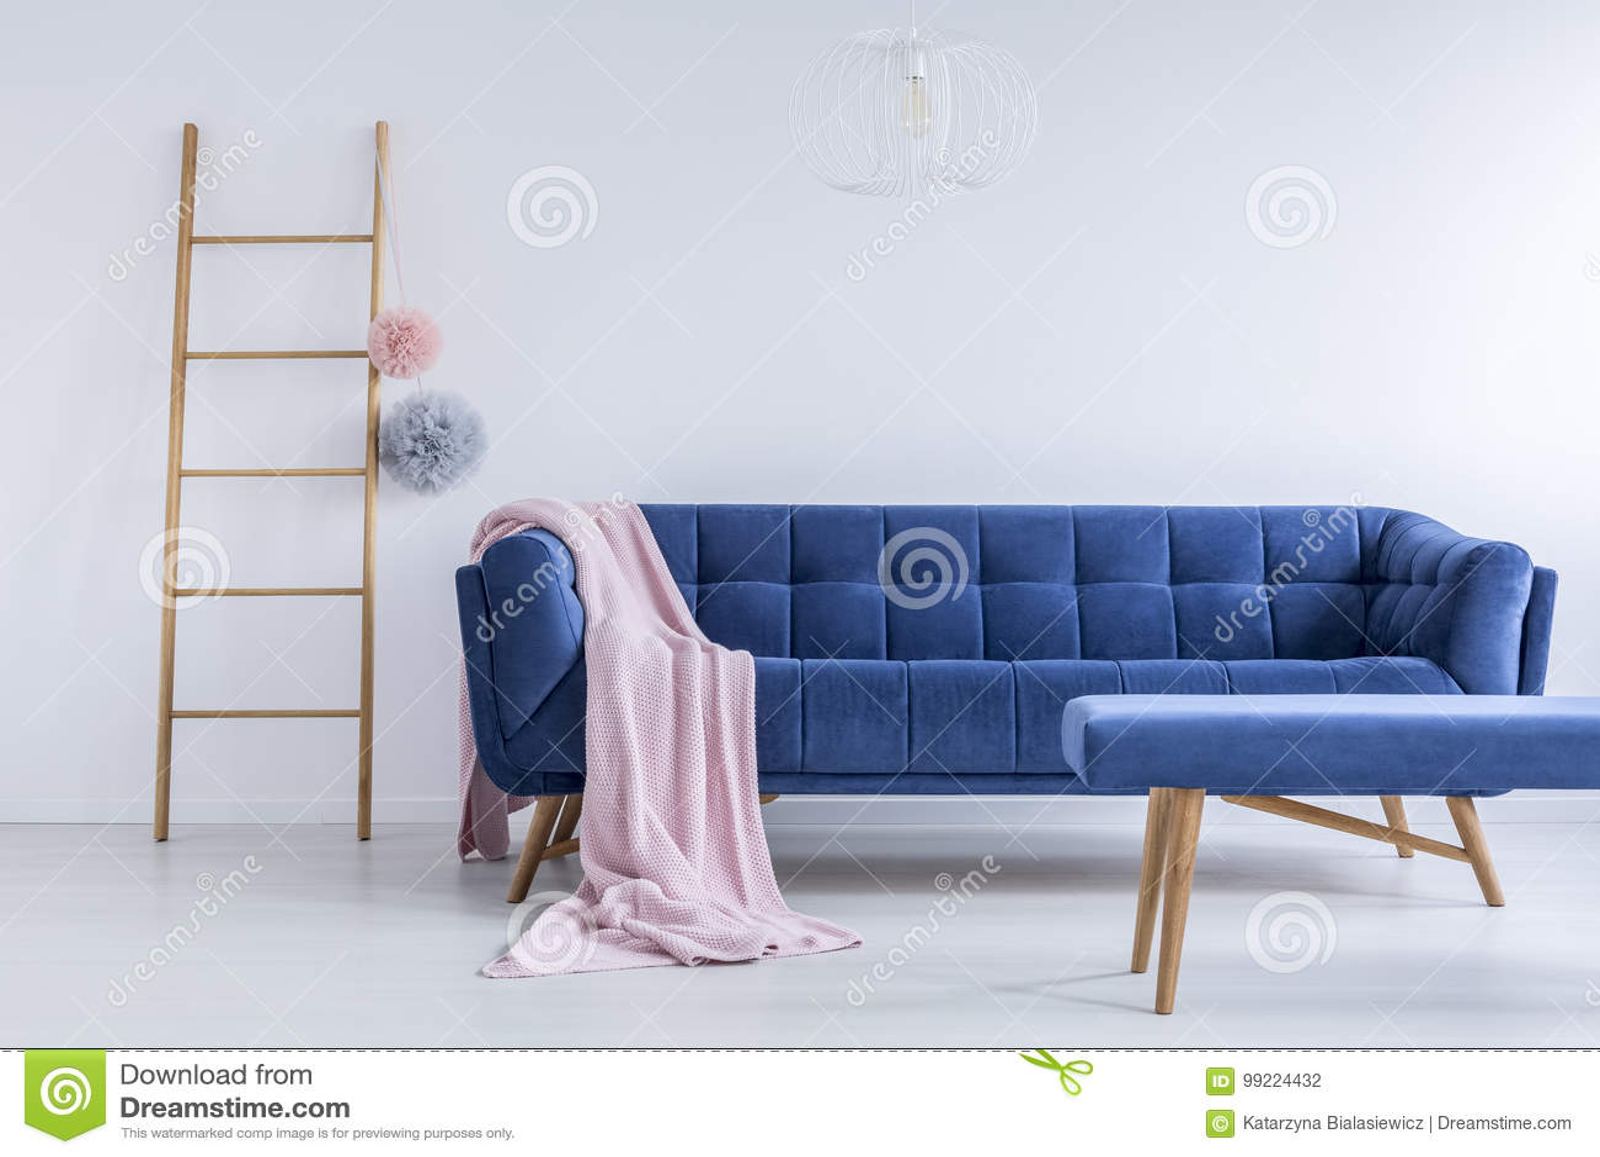 https://thumbs.dreamstime.com/z/ladder-en-marineblauwe-bank-99224432.jpg